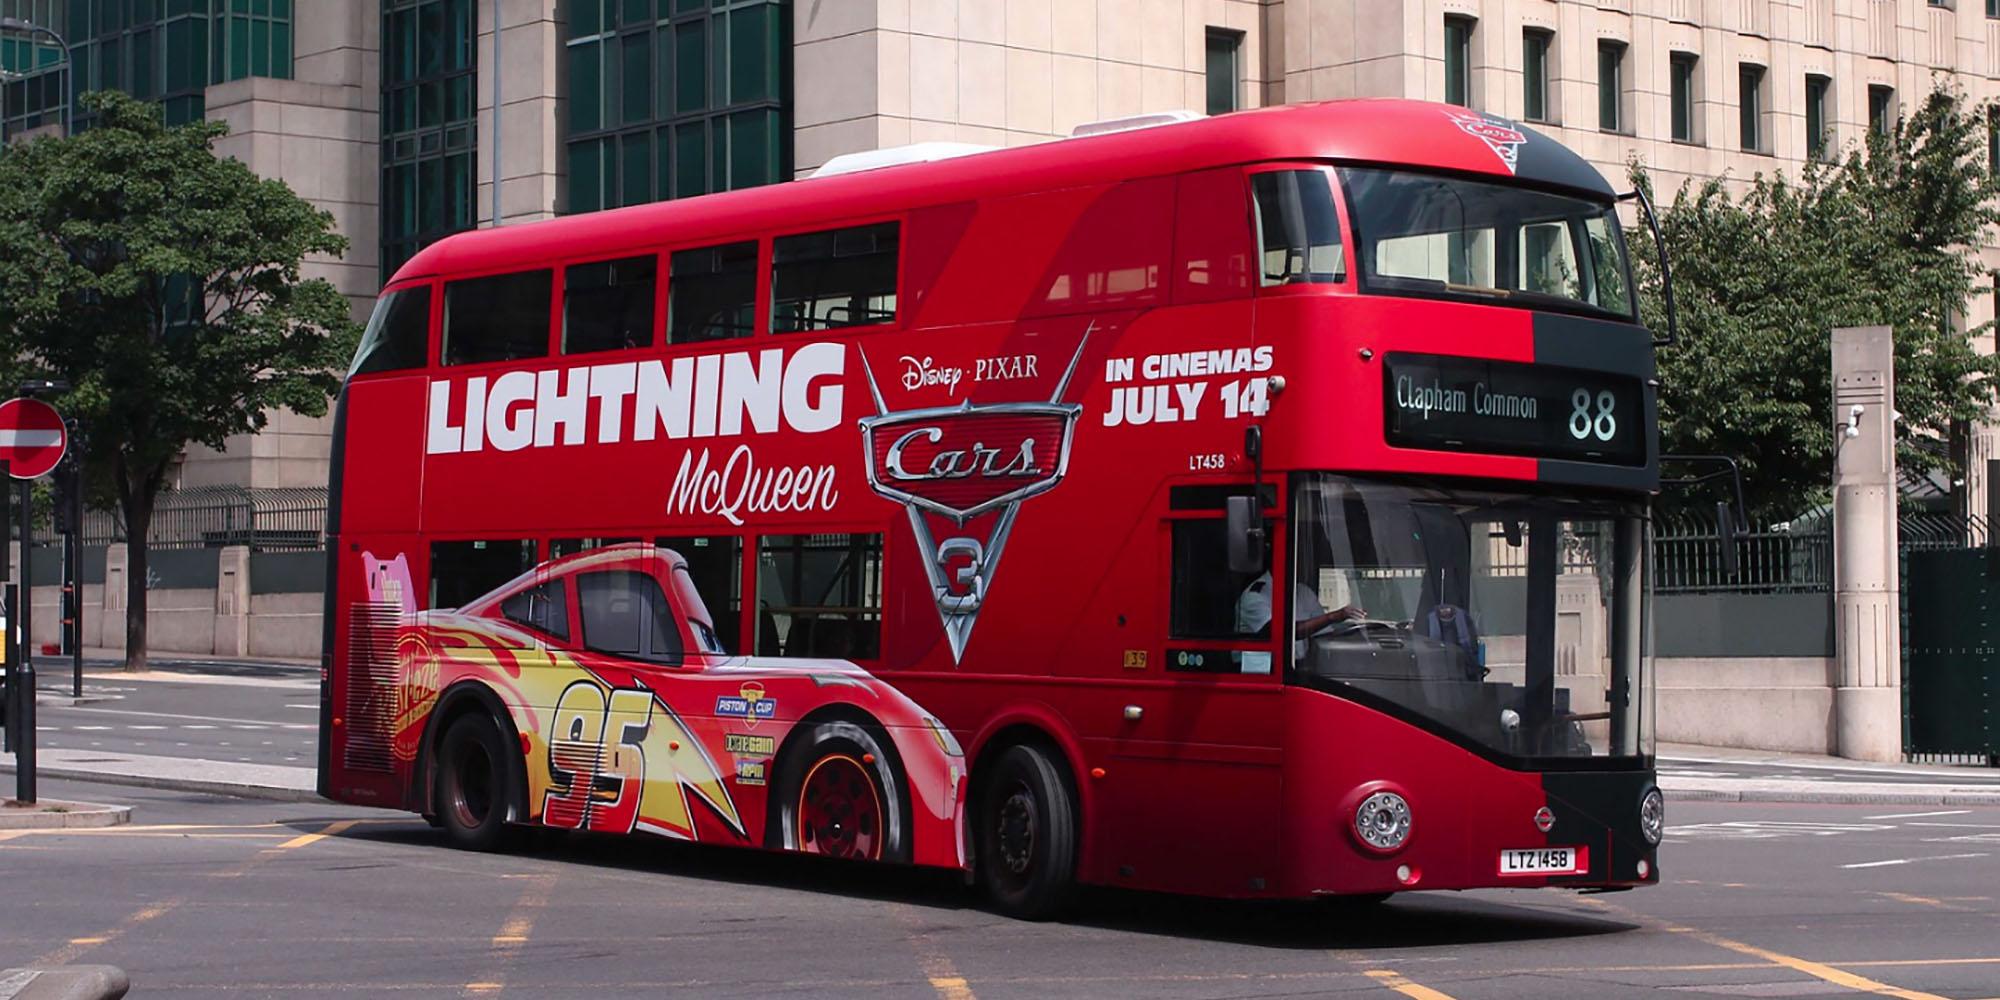 london bus advertising